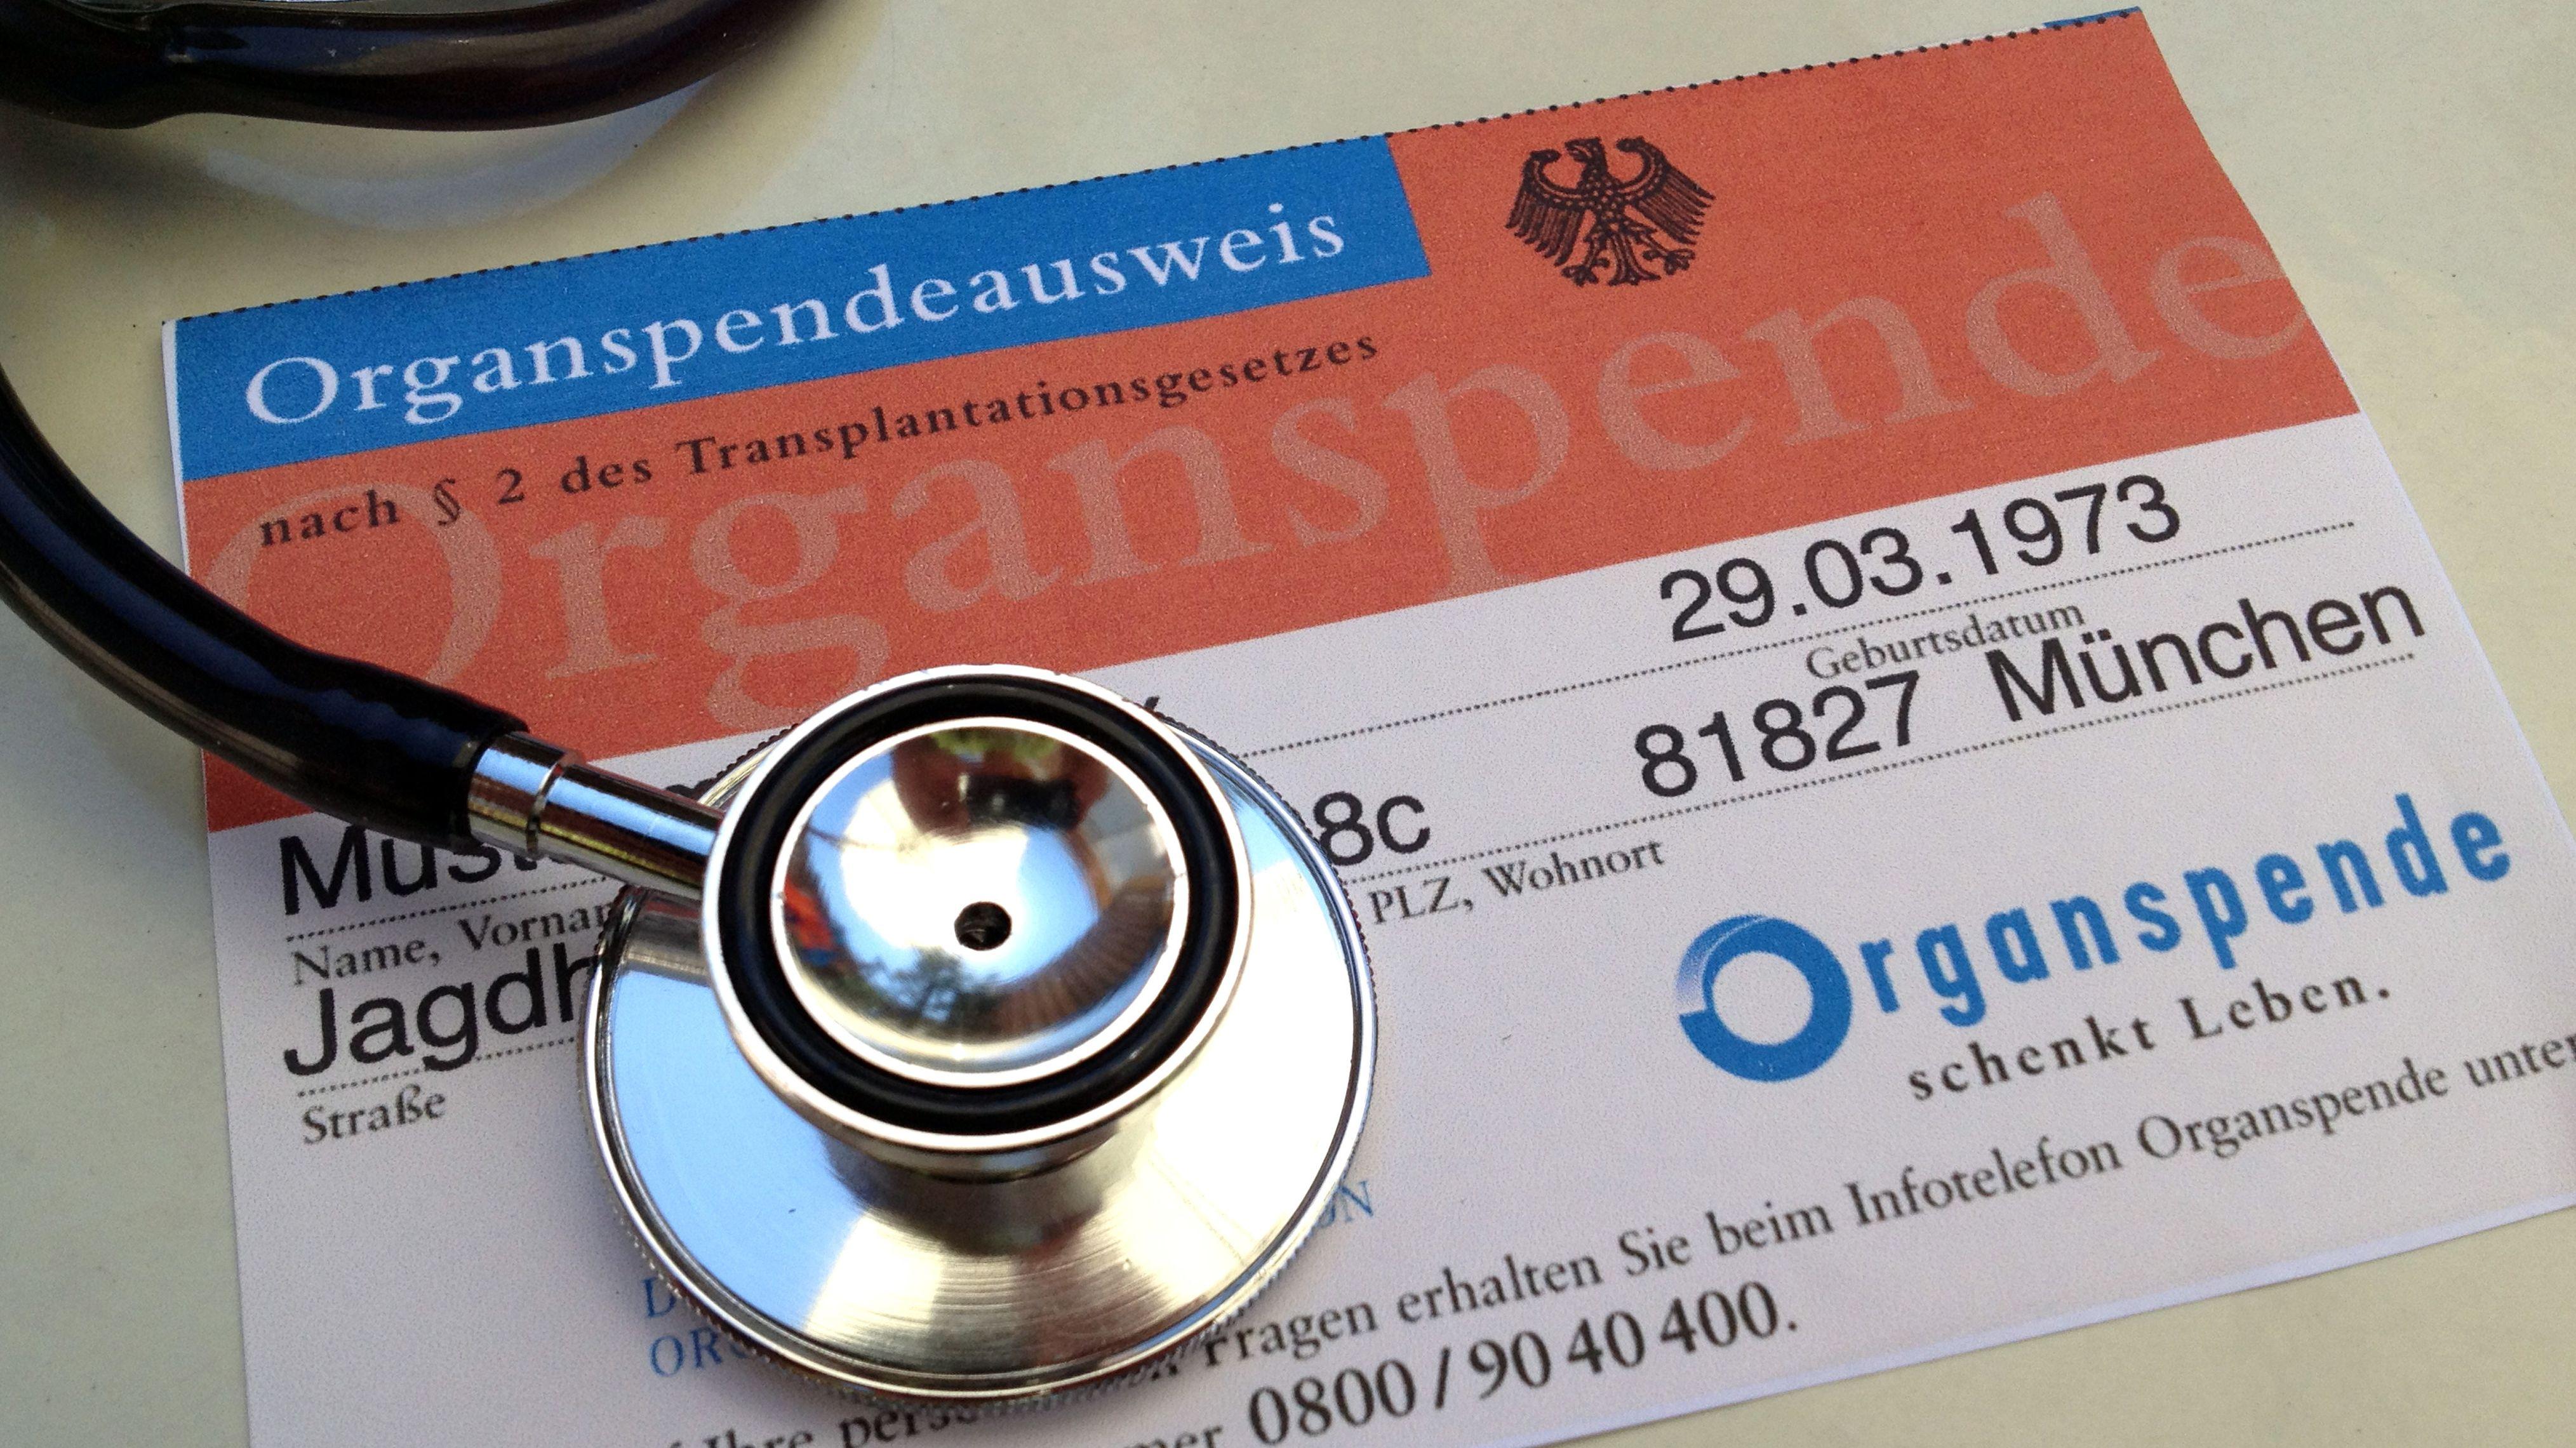 Symbolbild: Organspendeausweis